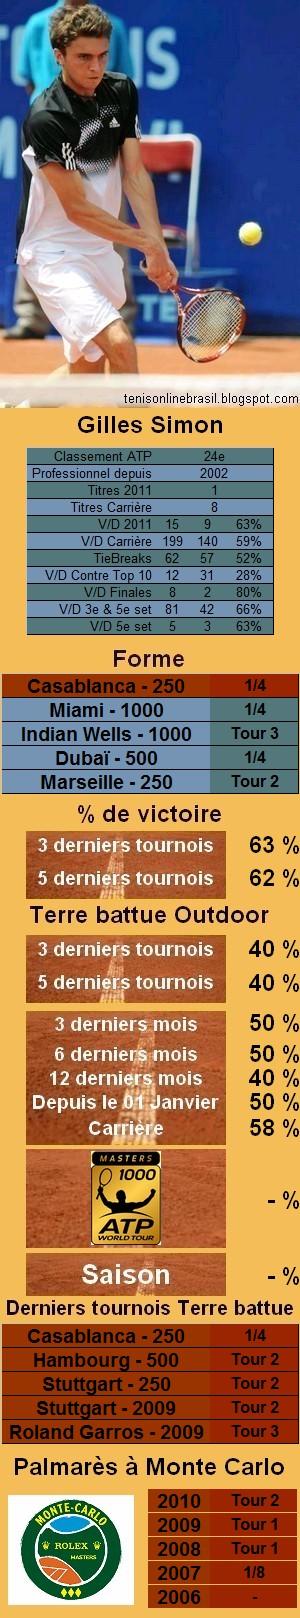 Les statistiques tennis de Gilles Simon pour le tournoi de Monte Carlo